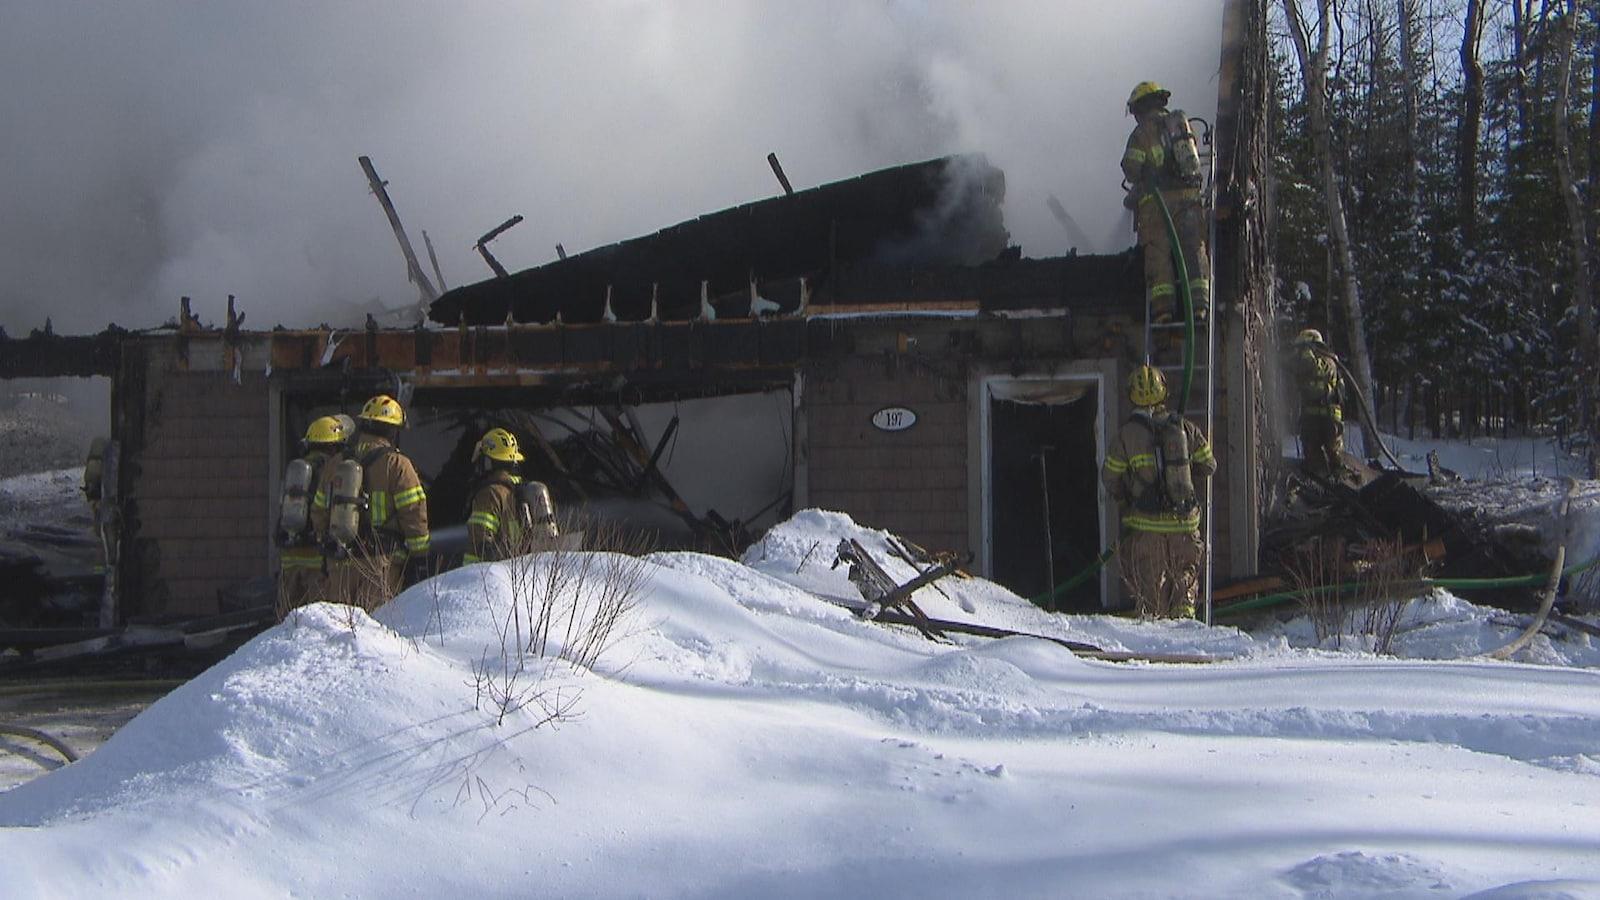 Un incendie a détruit une résidence de la rue Beaudry, dans le secteur Omerville à Magog. On voit ici qu'il ne reste que les quatre murs encore debout.